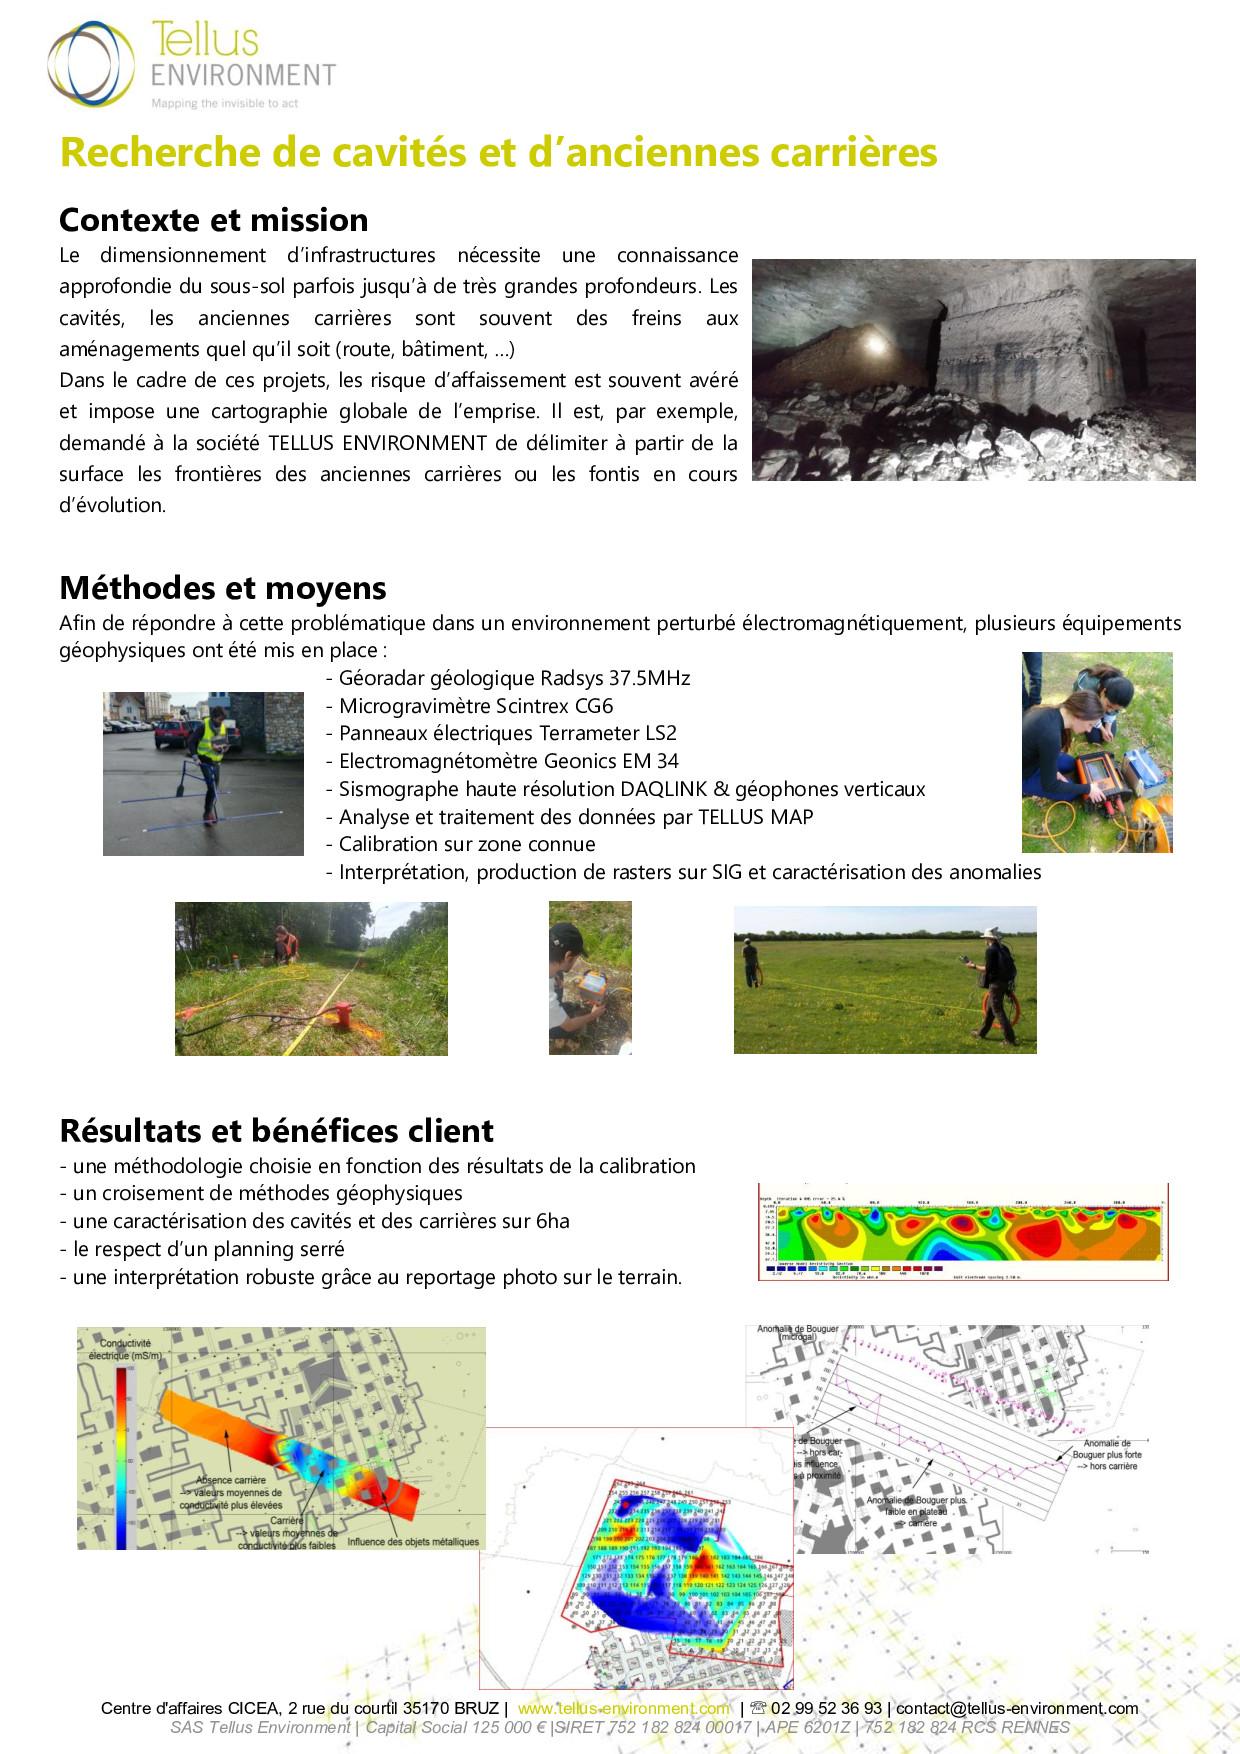 6 Tellus Environment Recherche de cavités Radar Microgravitimètrie EM Sysmique Electrique  p001 - Tellus Environment